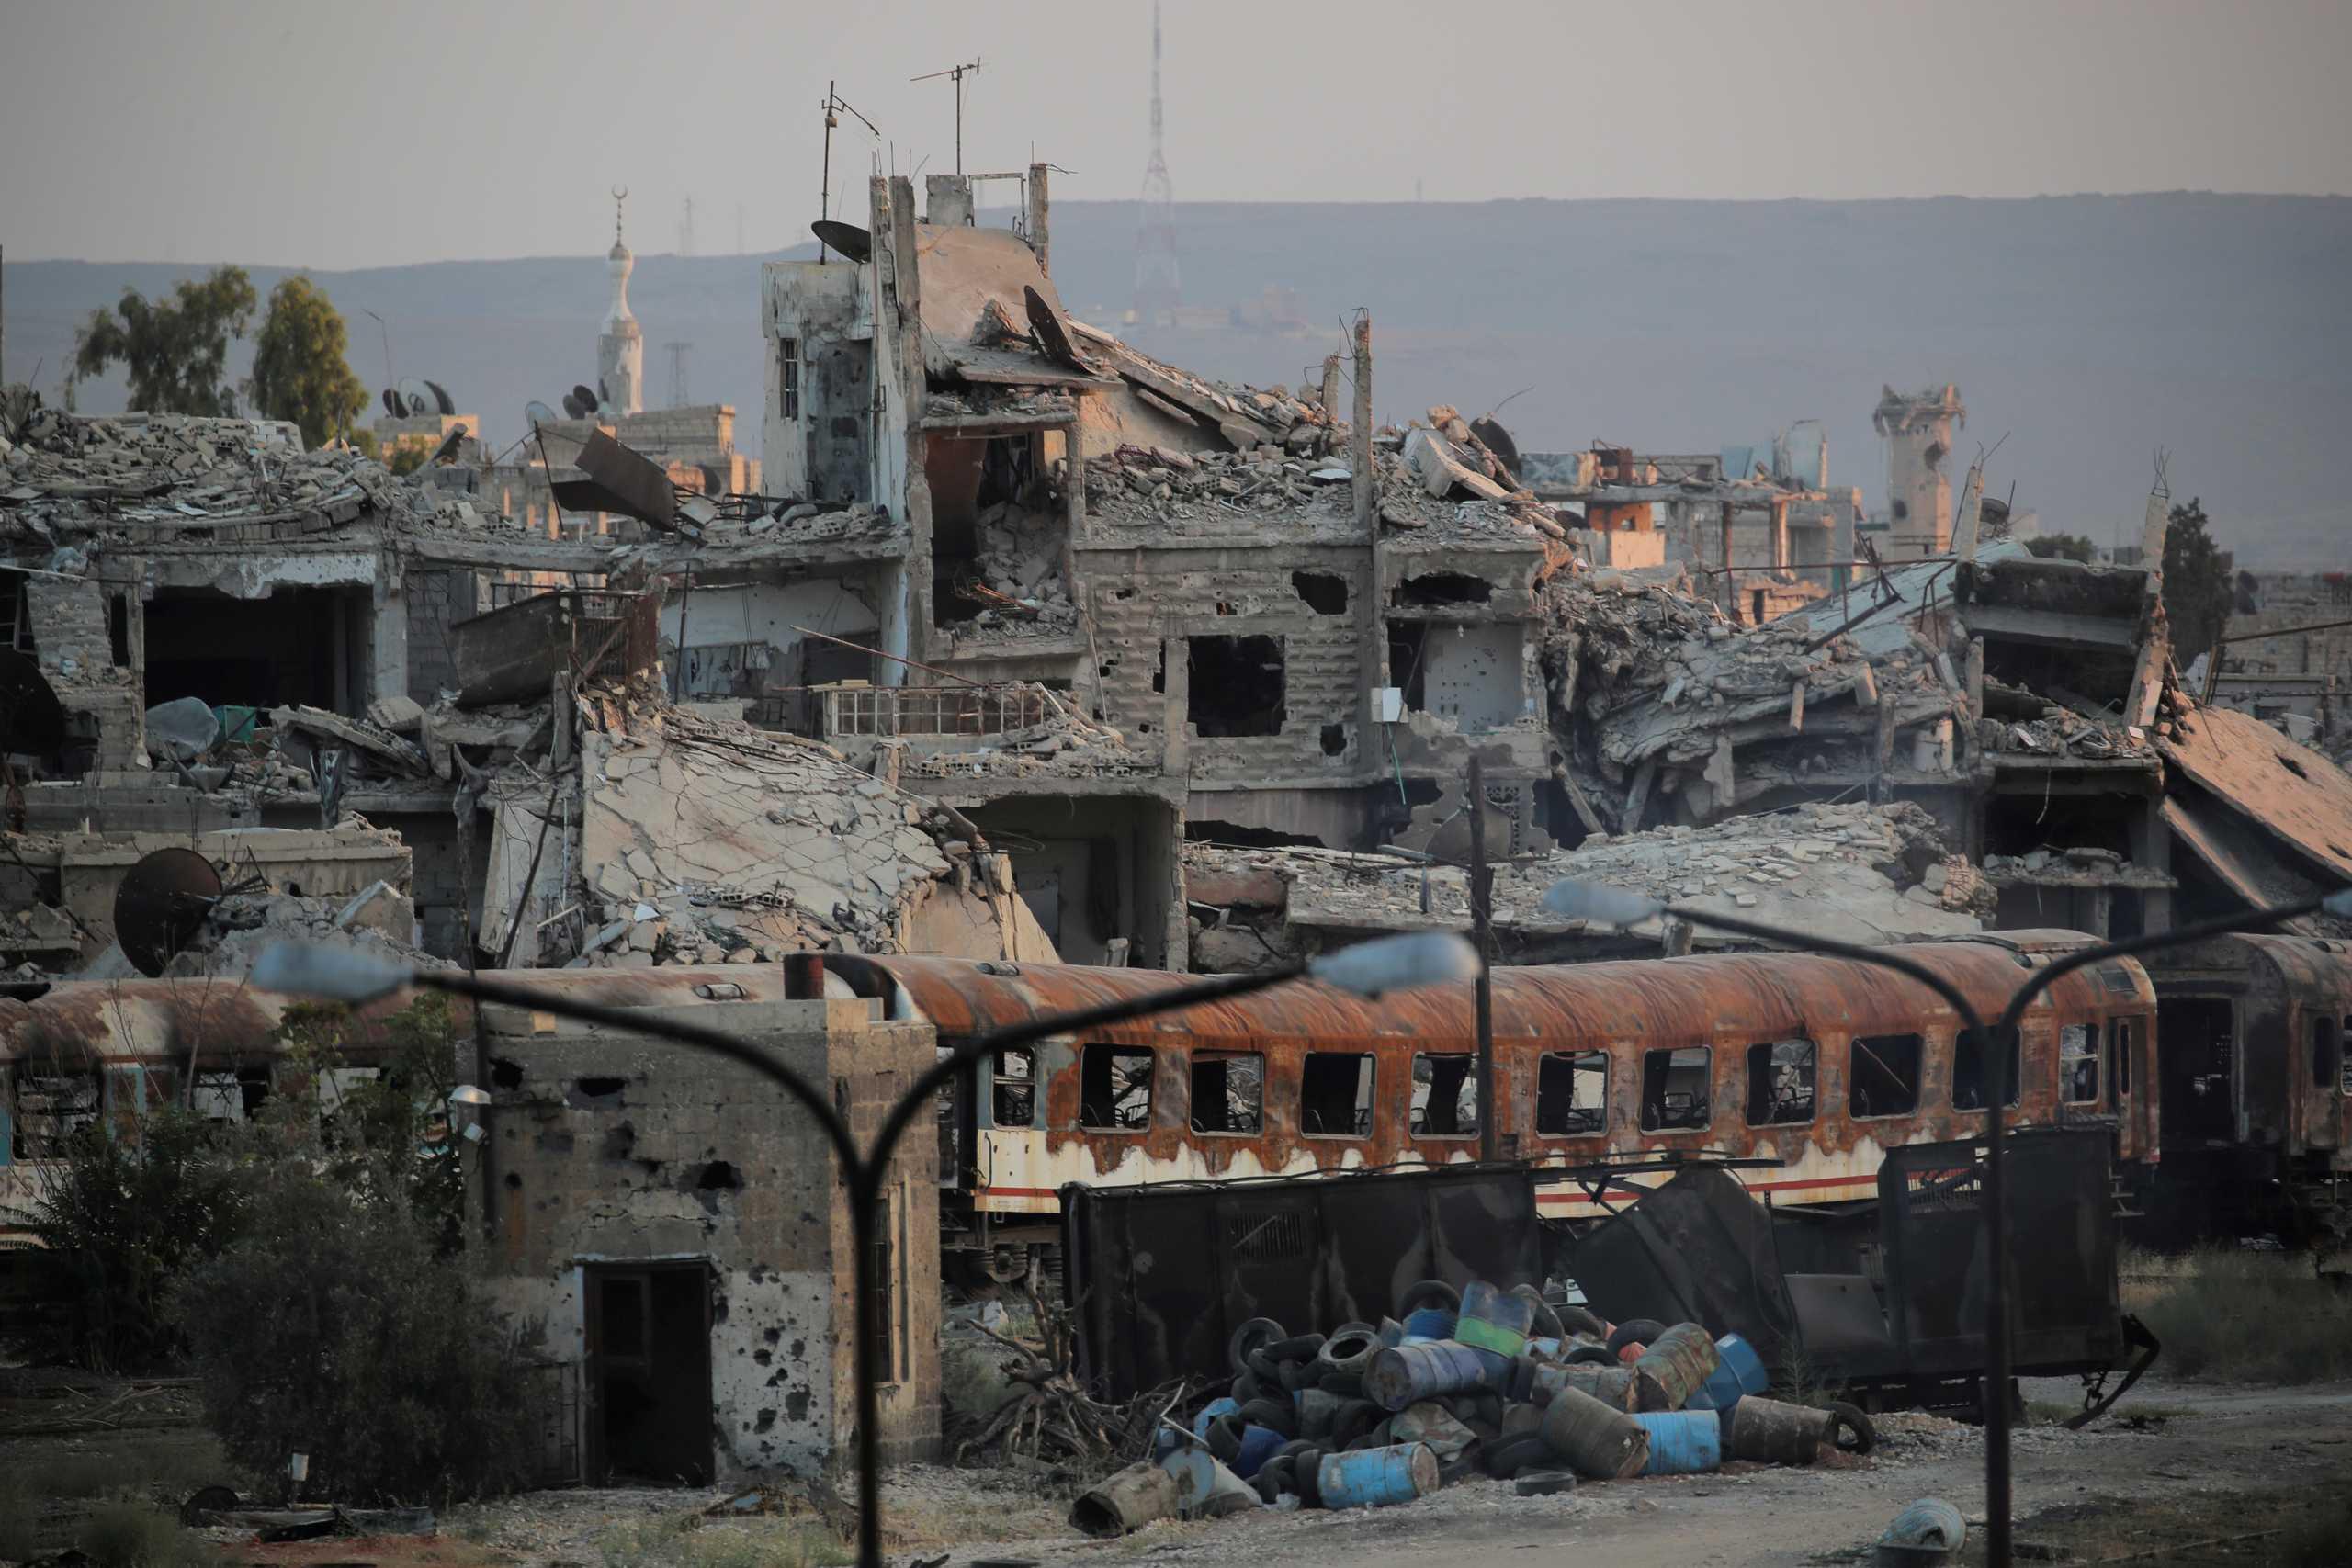 Συρία: Θα χρειαστούν «αρκετές γενιές» για την ανοικοδόμησή της – Πάνω από 1,8 εκατ. εκτοπισμένοι